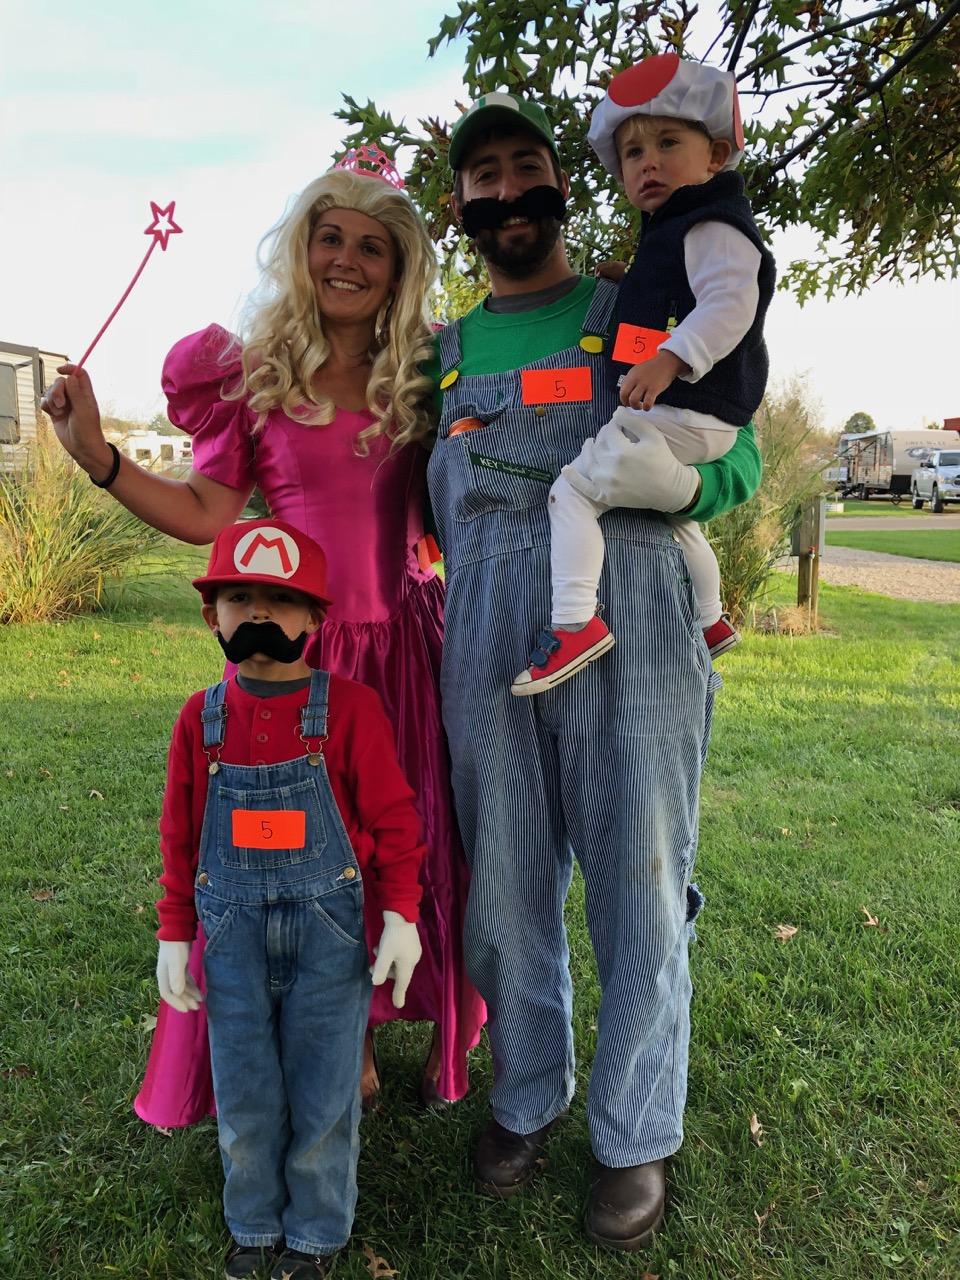 Super Mario Bros. Halloween   South Haven, MI   October